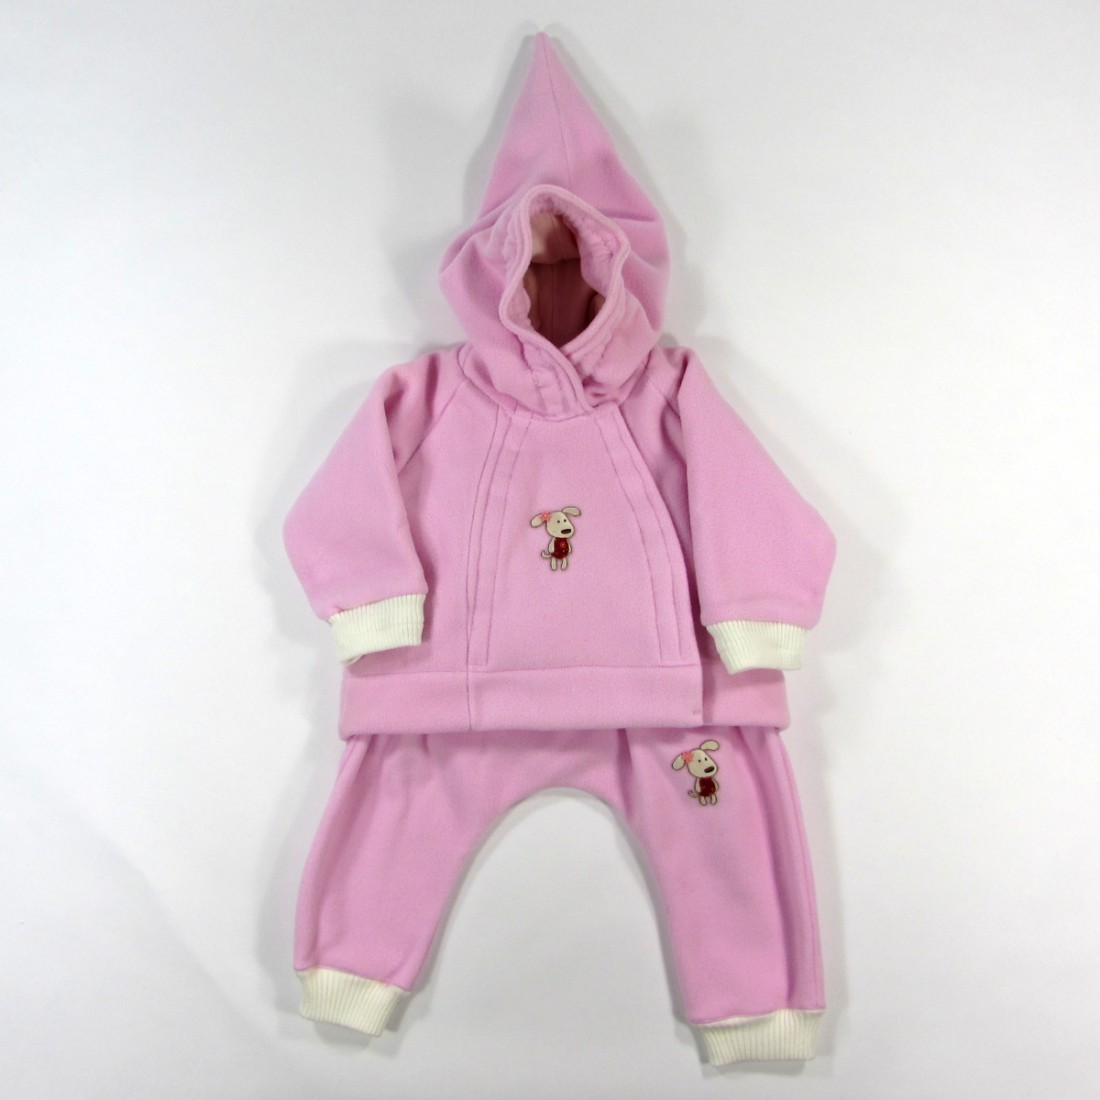 design professionnel profiter du prix le plus bas qualité Veste à capuche et sarouel bébé fille polaire rose avec badge chien